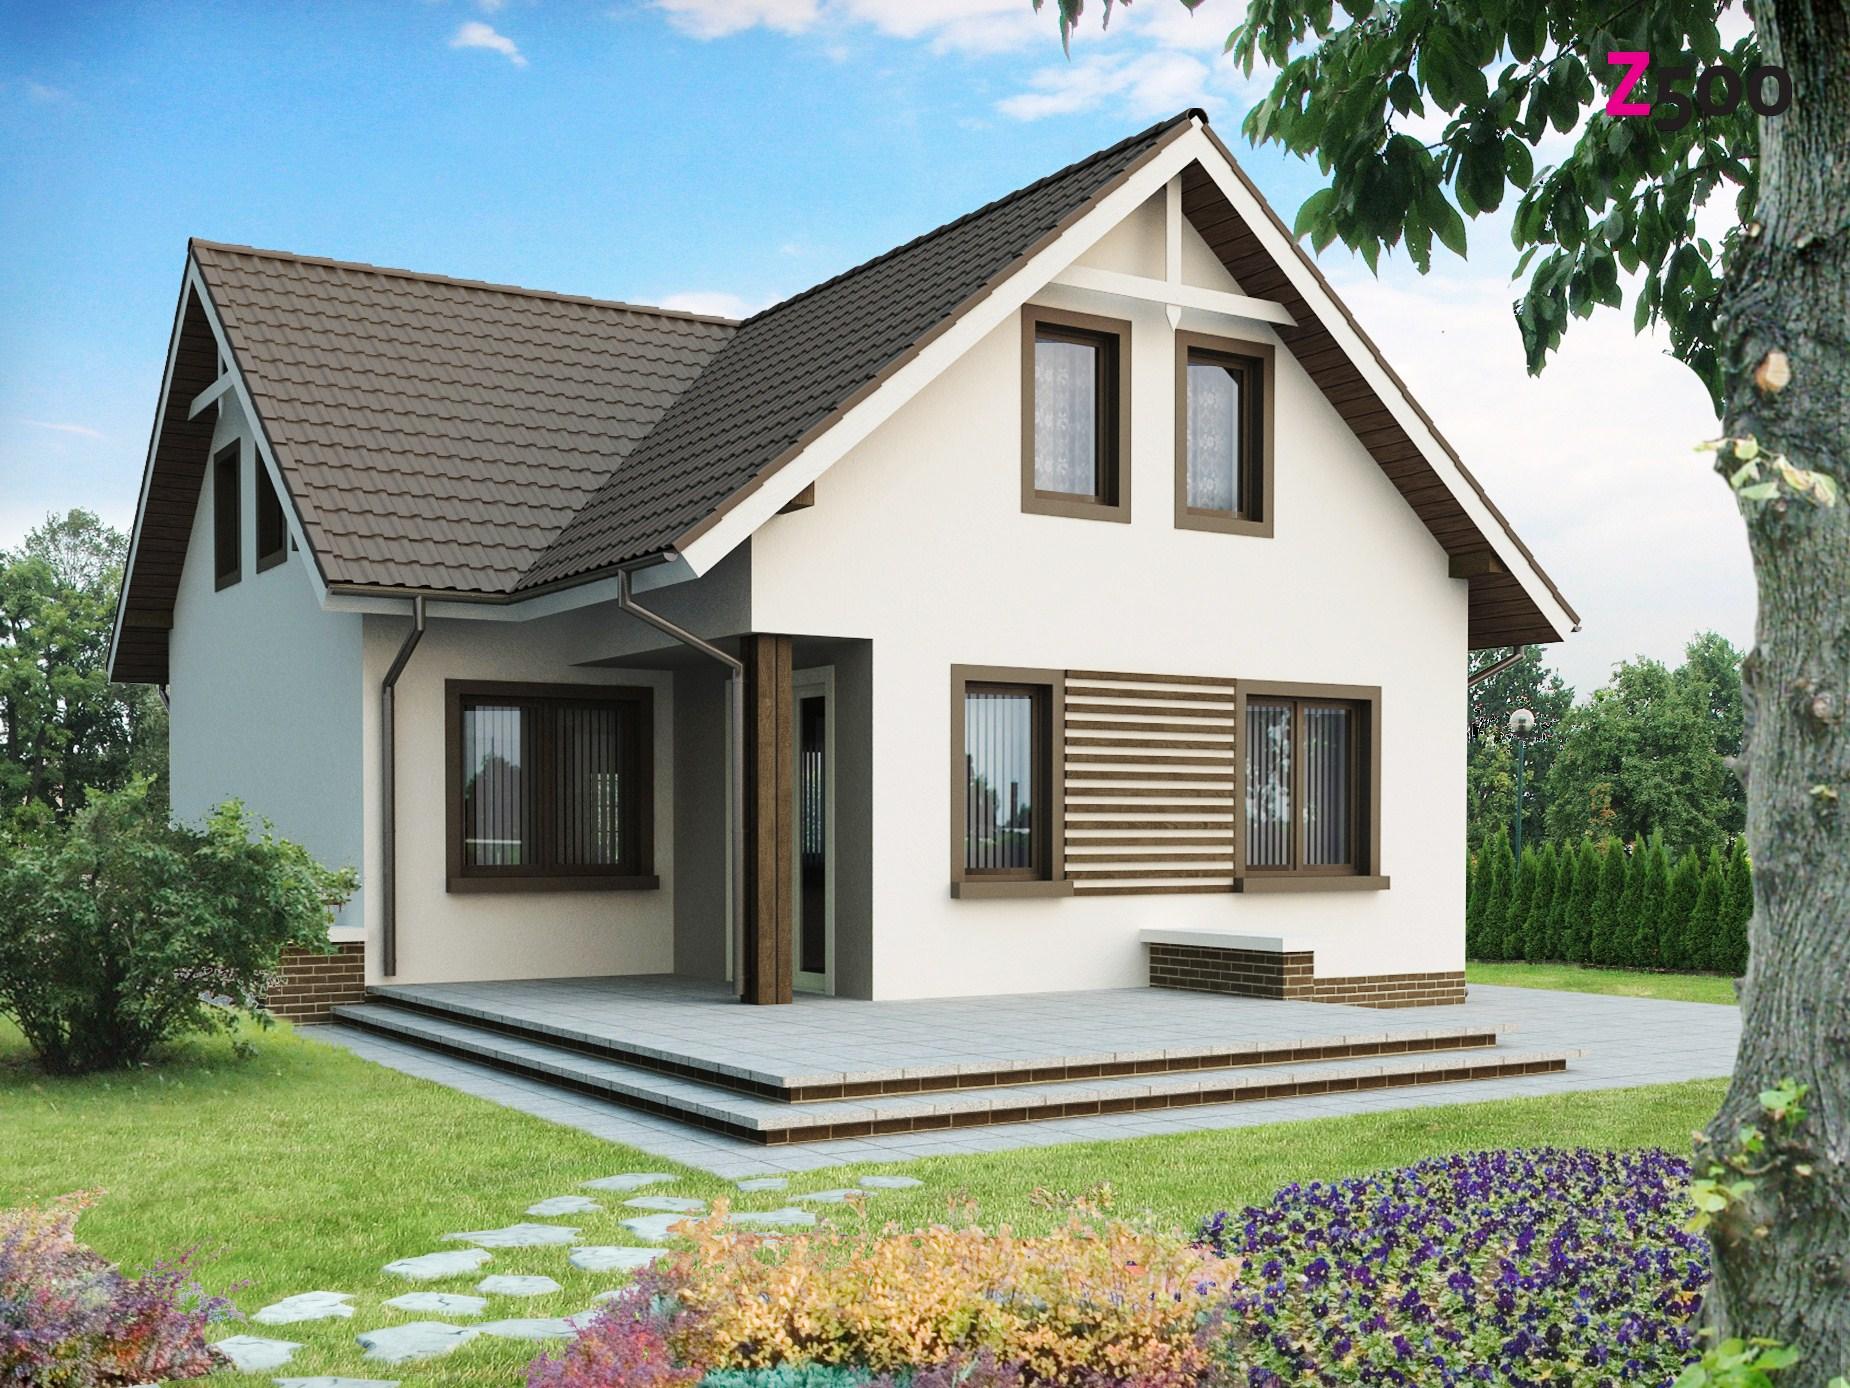 нашей стране красивый проект дома с фото и описанием всего этого